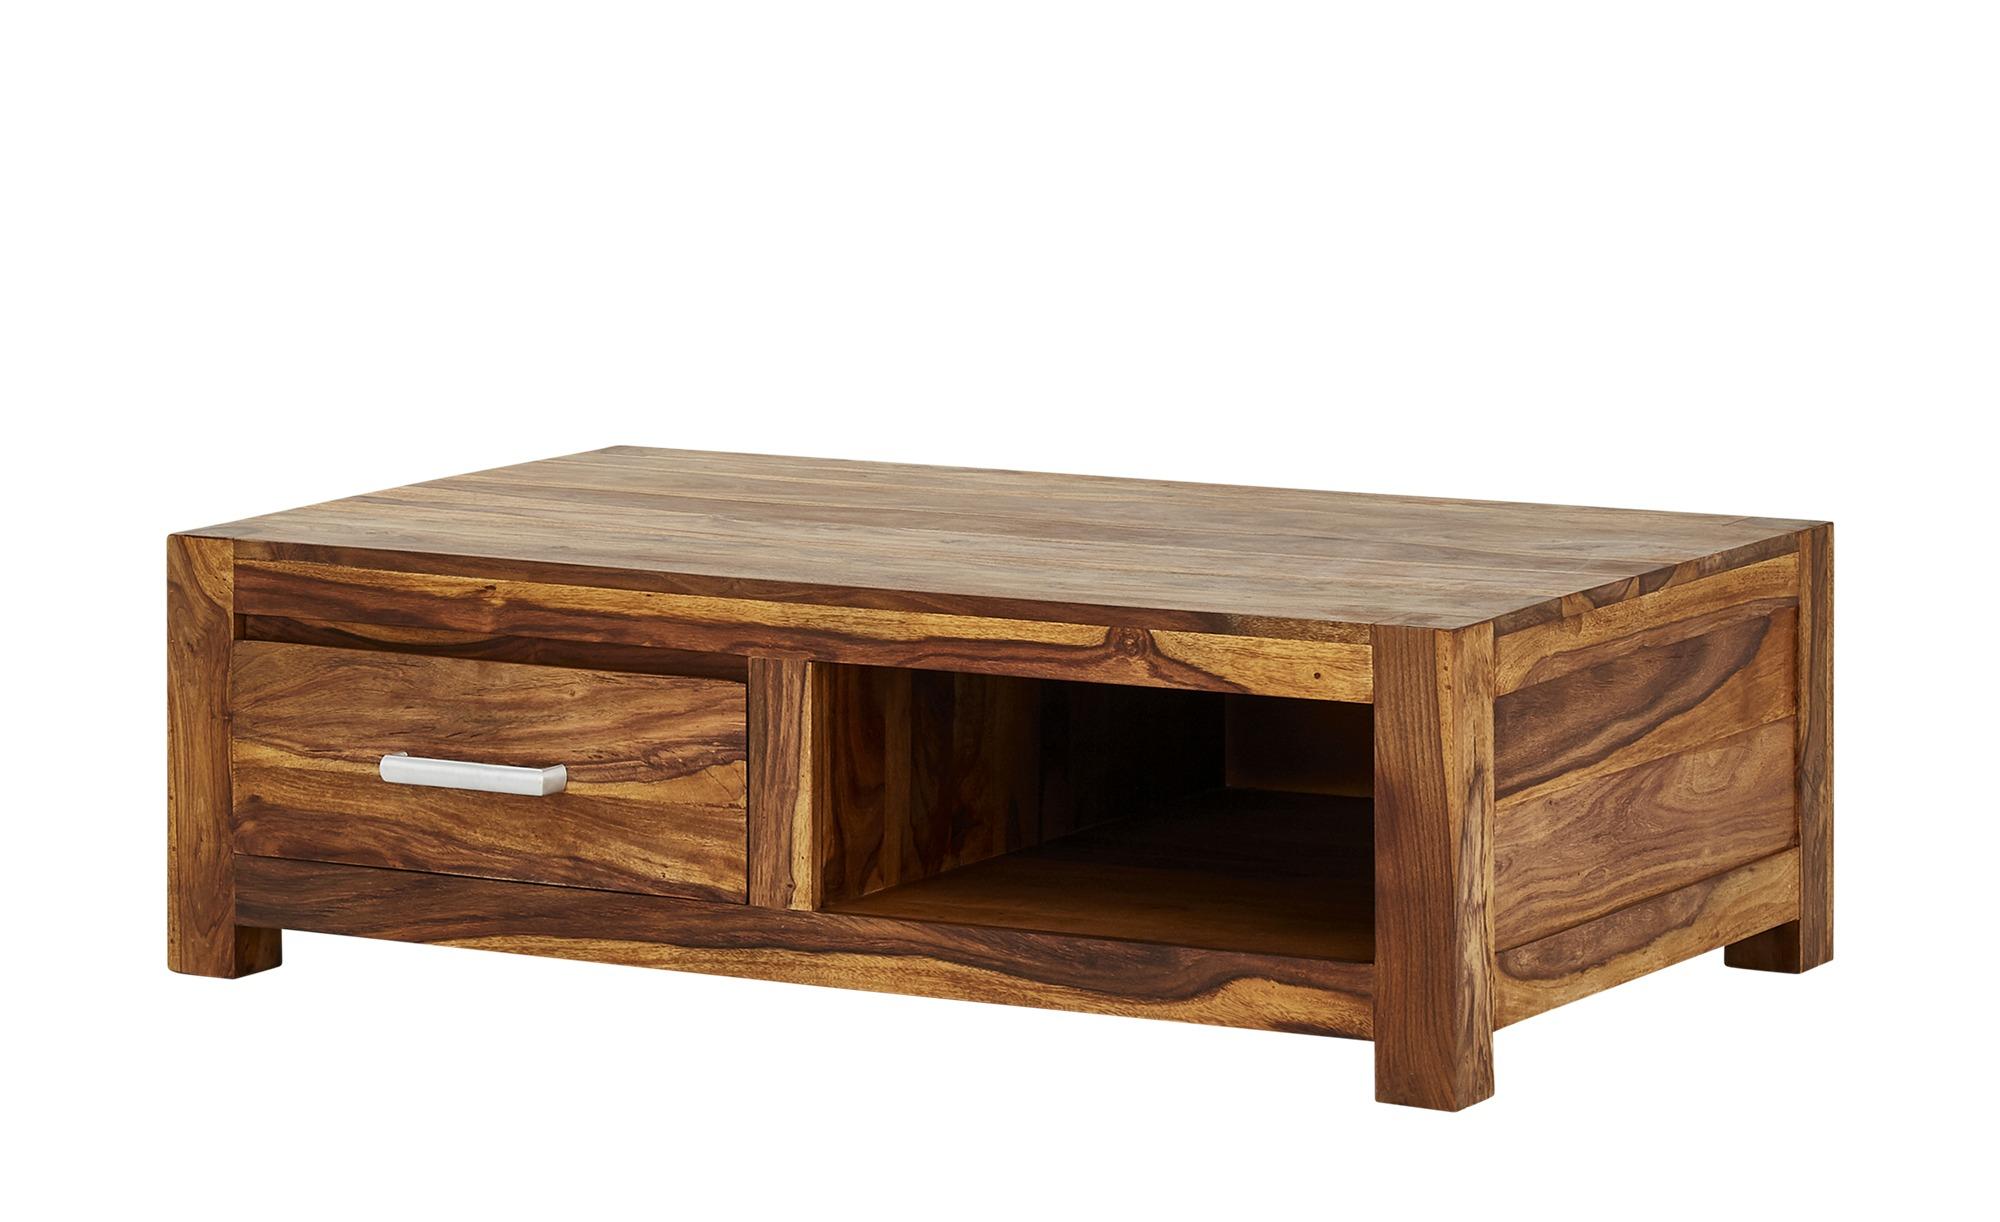 Couchtisch  Amarillo ¦ holzfarben ¦ Maße (cm): B: 70 H: 37 Tische > Couchtische > Couchtische rechteckig - Höffner